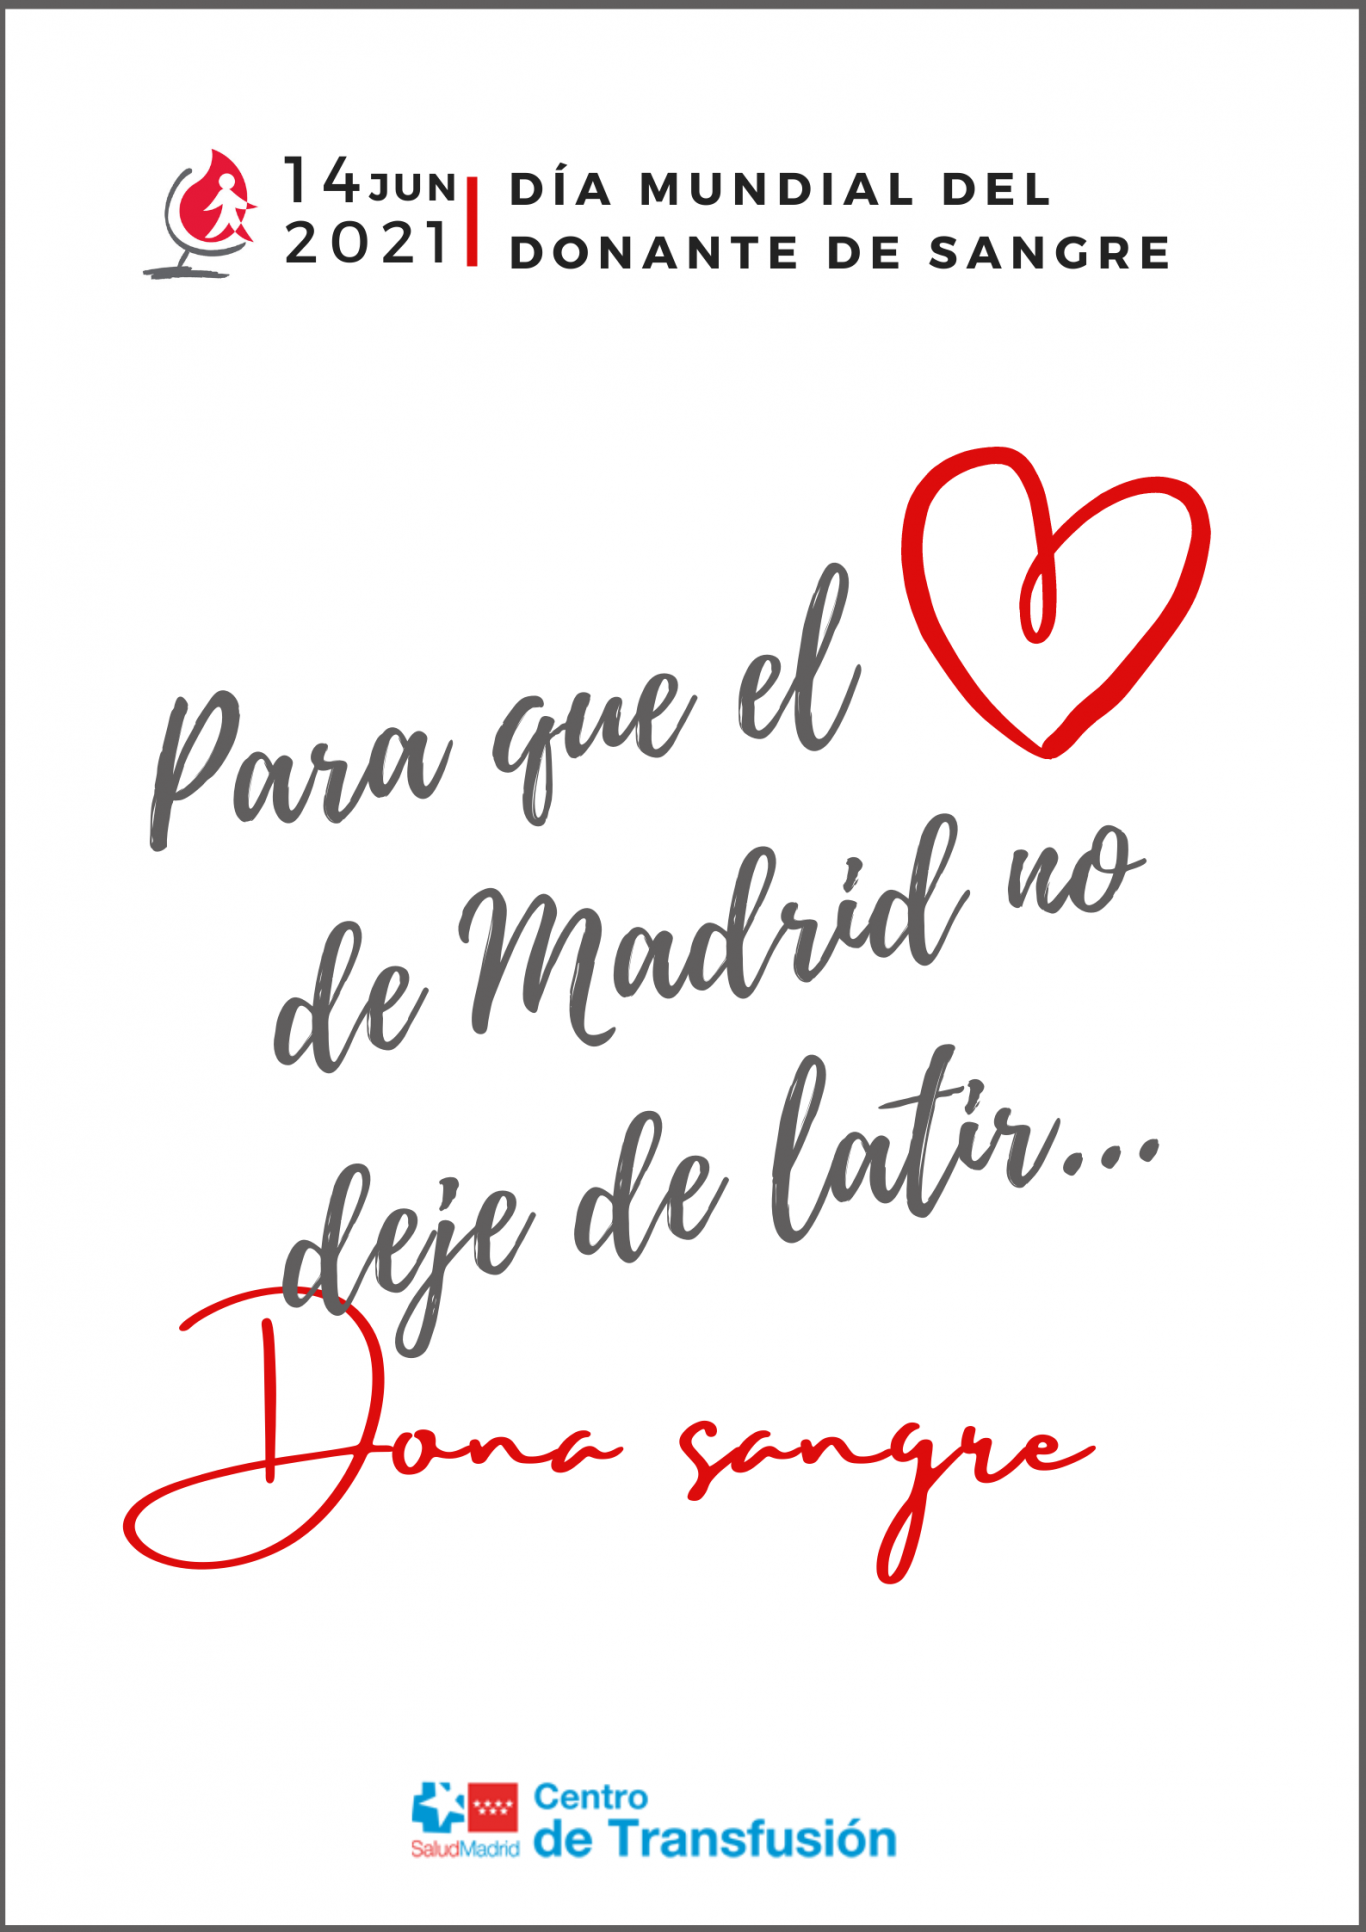 Lema Para que el corazón de Madrid no deje de latir con una silueta de corazón rojo en vez de la palabra